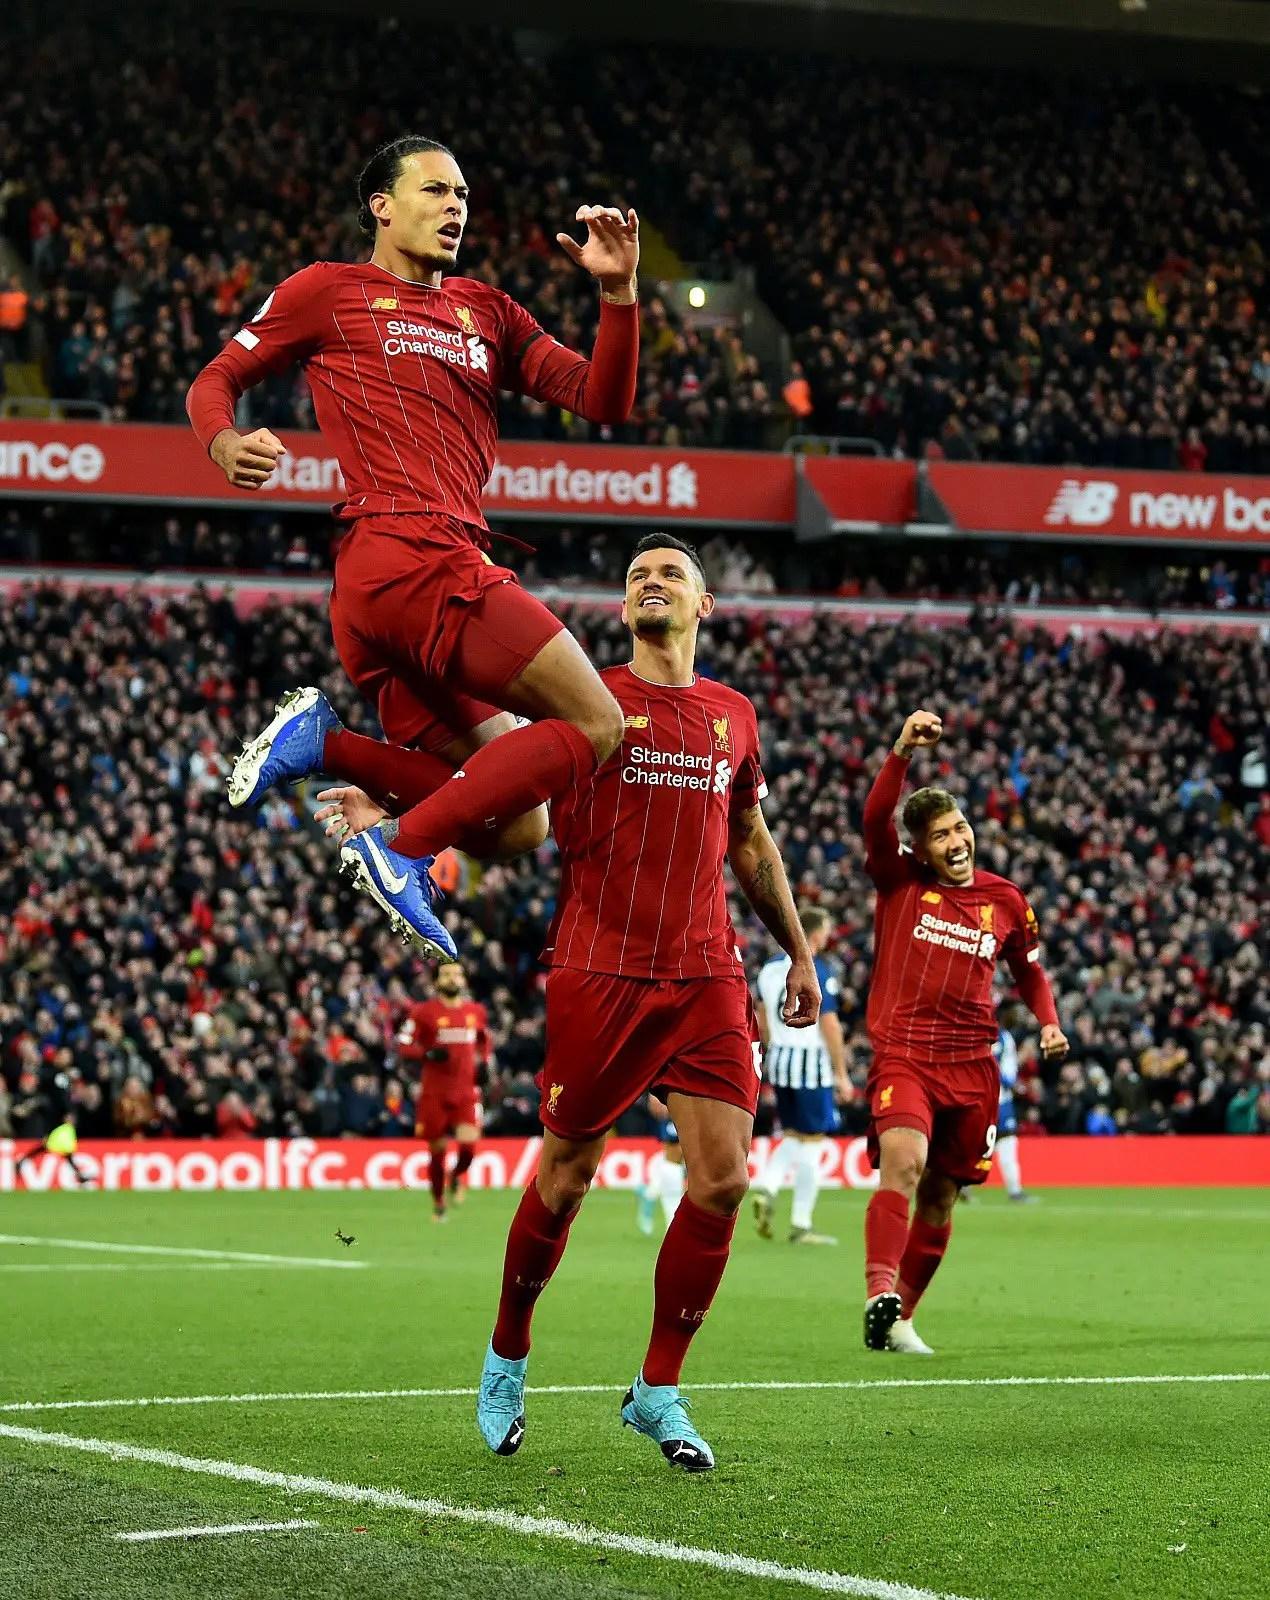 Van Dijk: Lack of Clean Sheet Doesn't Matter if Liverpool Keep Winning